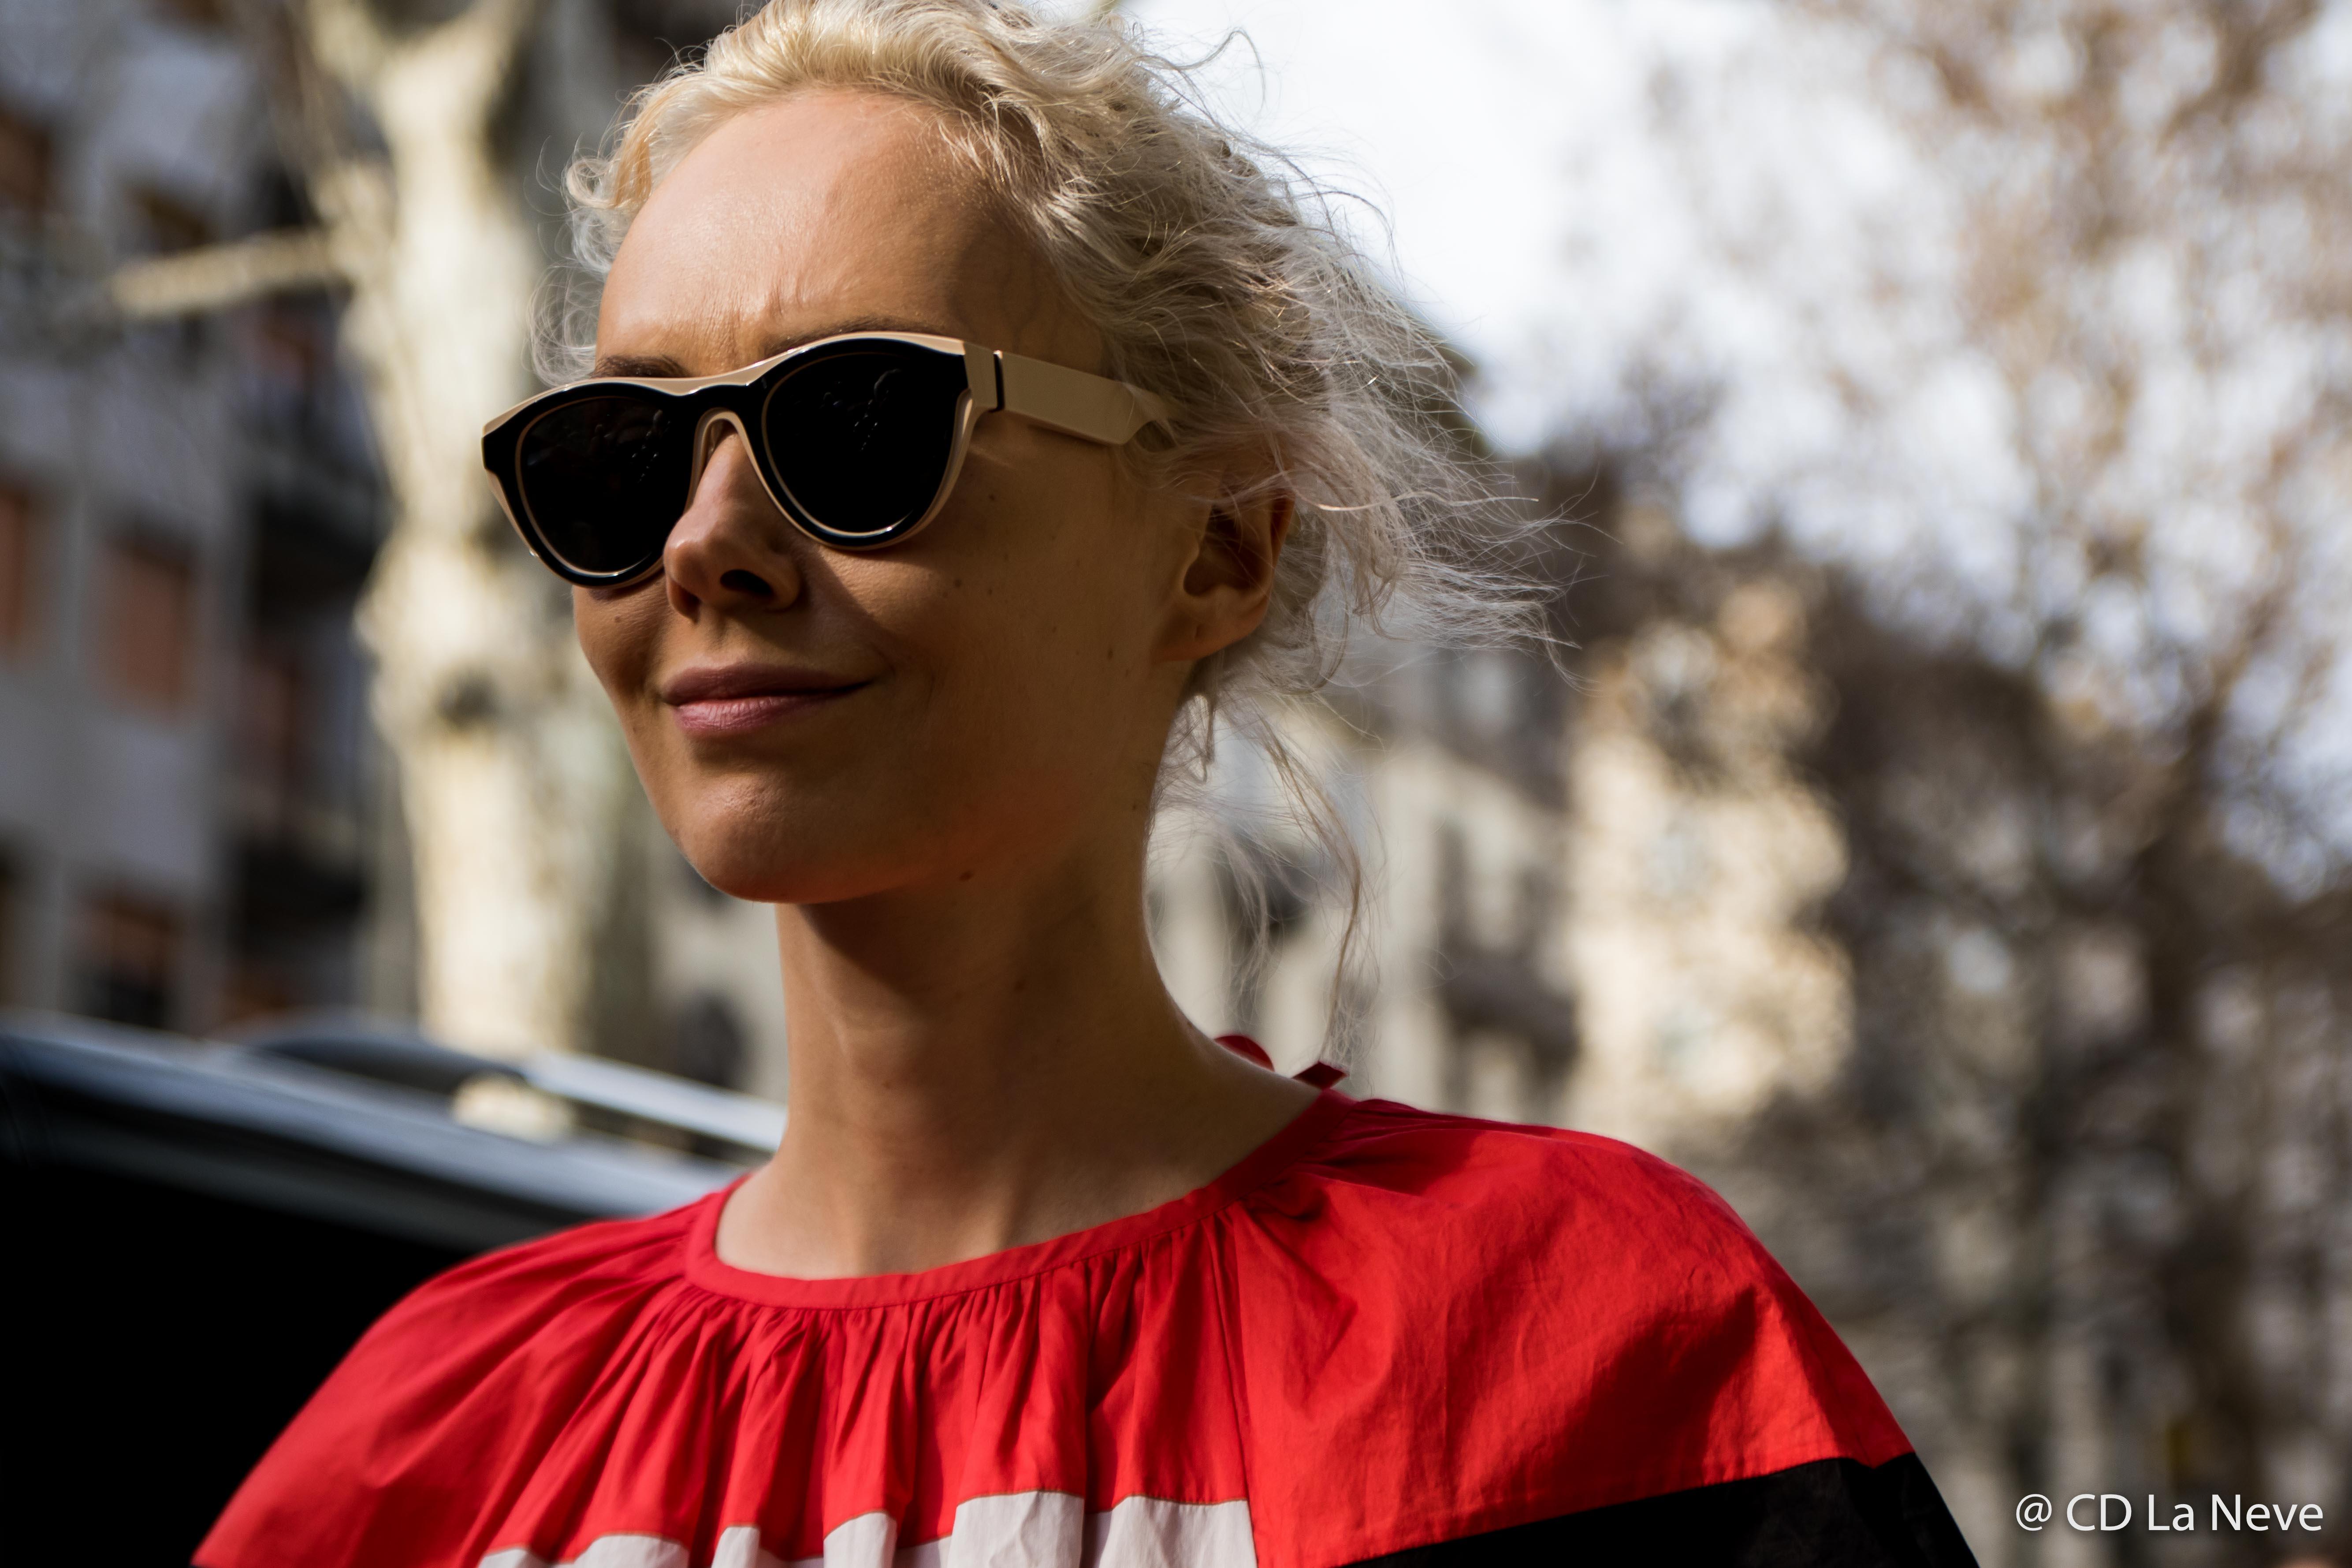 Olga Karput Dolce Gabbana Milan Fashion Week Street Style FW17